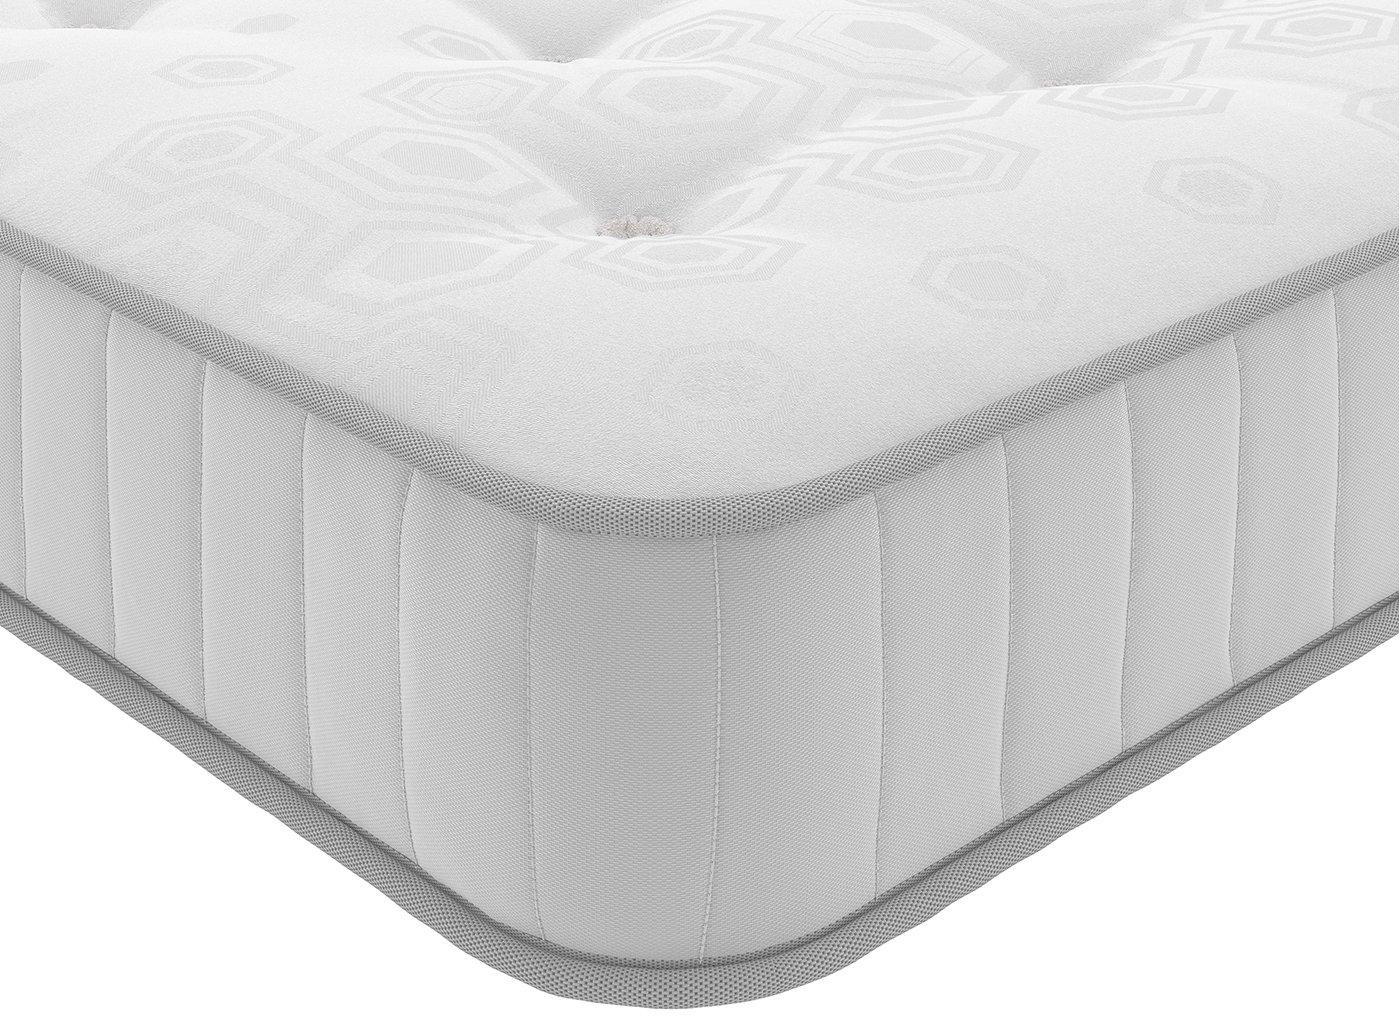 rhea-pocket-sprung-mattress